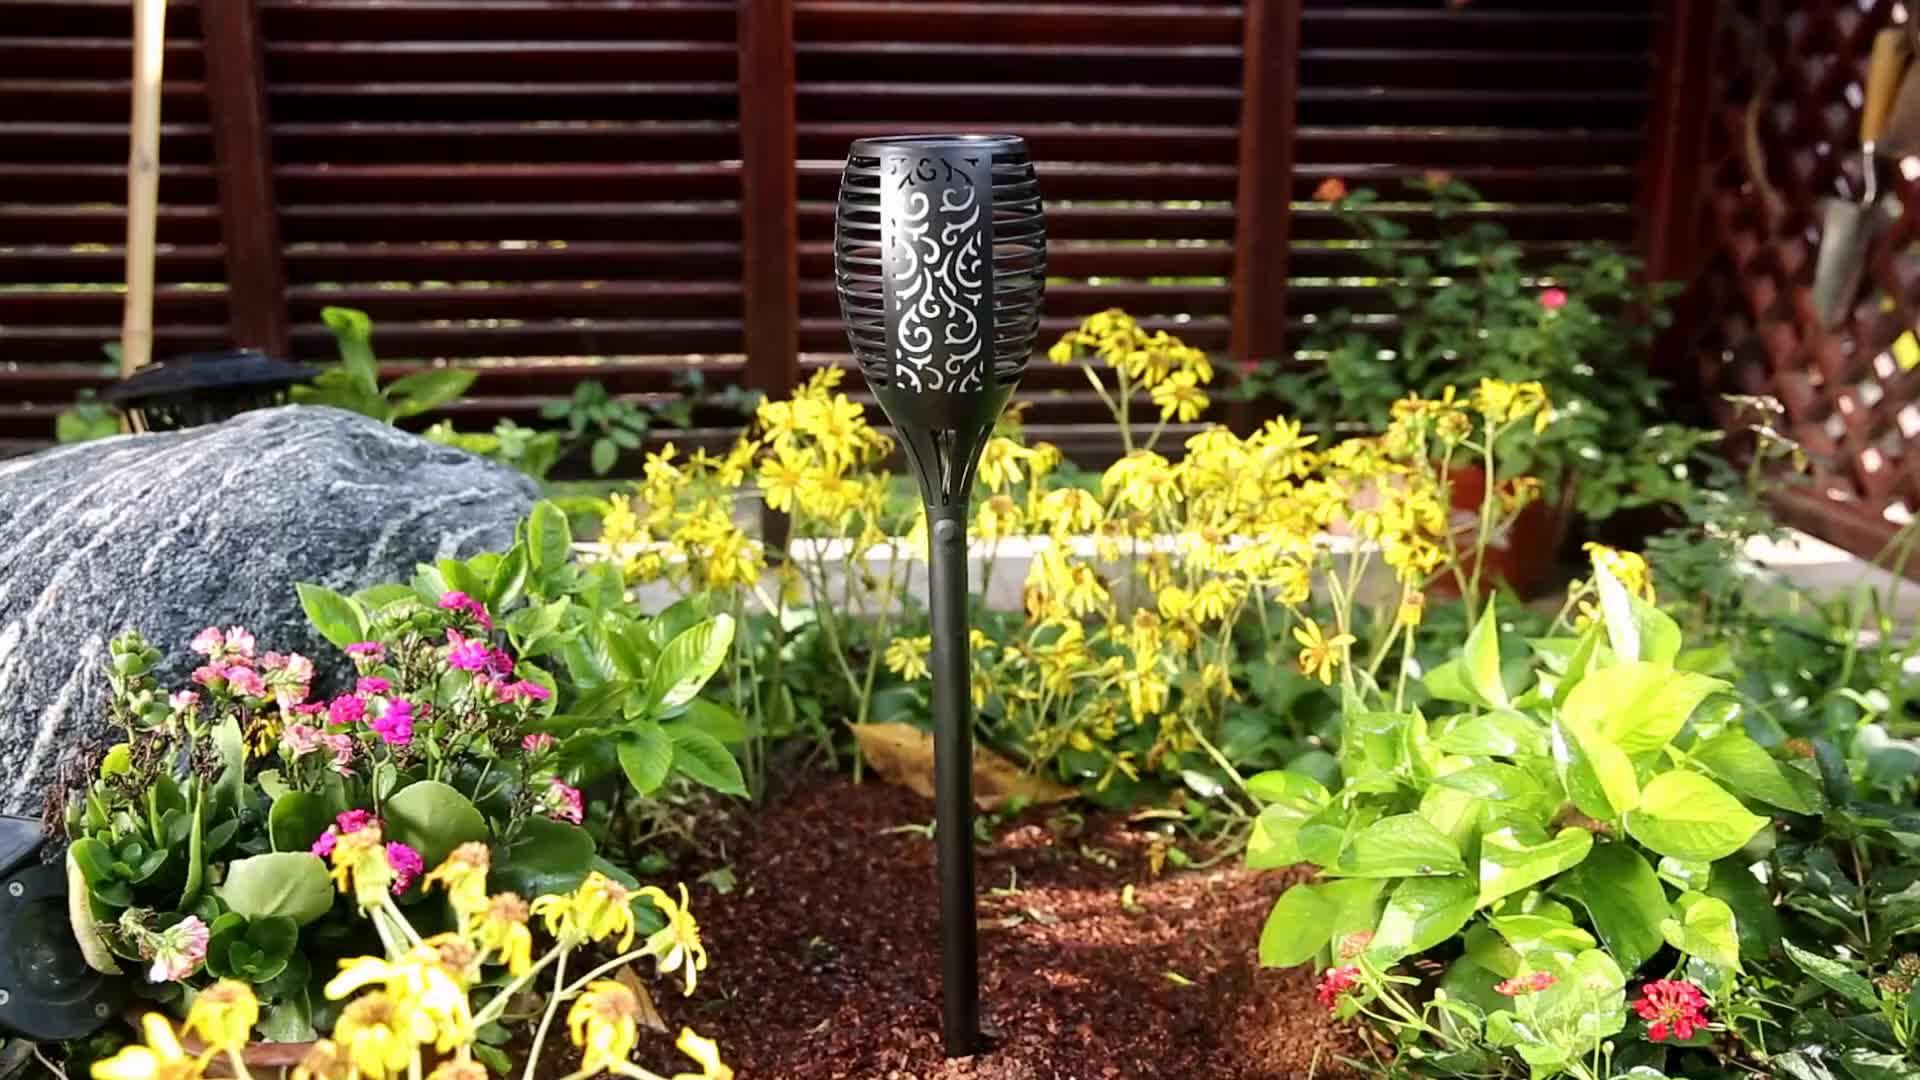 Landsign Led alev lambası açık bahçe için XLTD-P5081-1 su geçirmez 3 mod 96 LED güneş alev titrek lamba meşale ışıkları